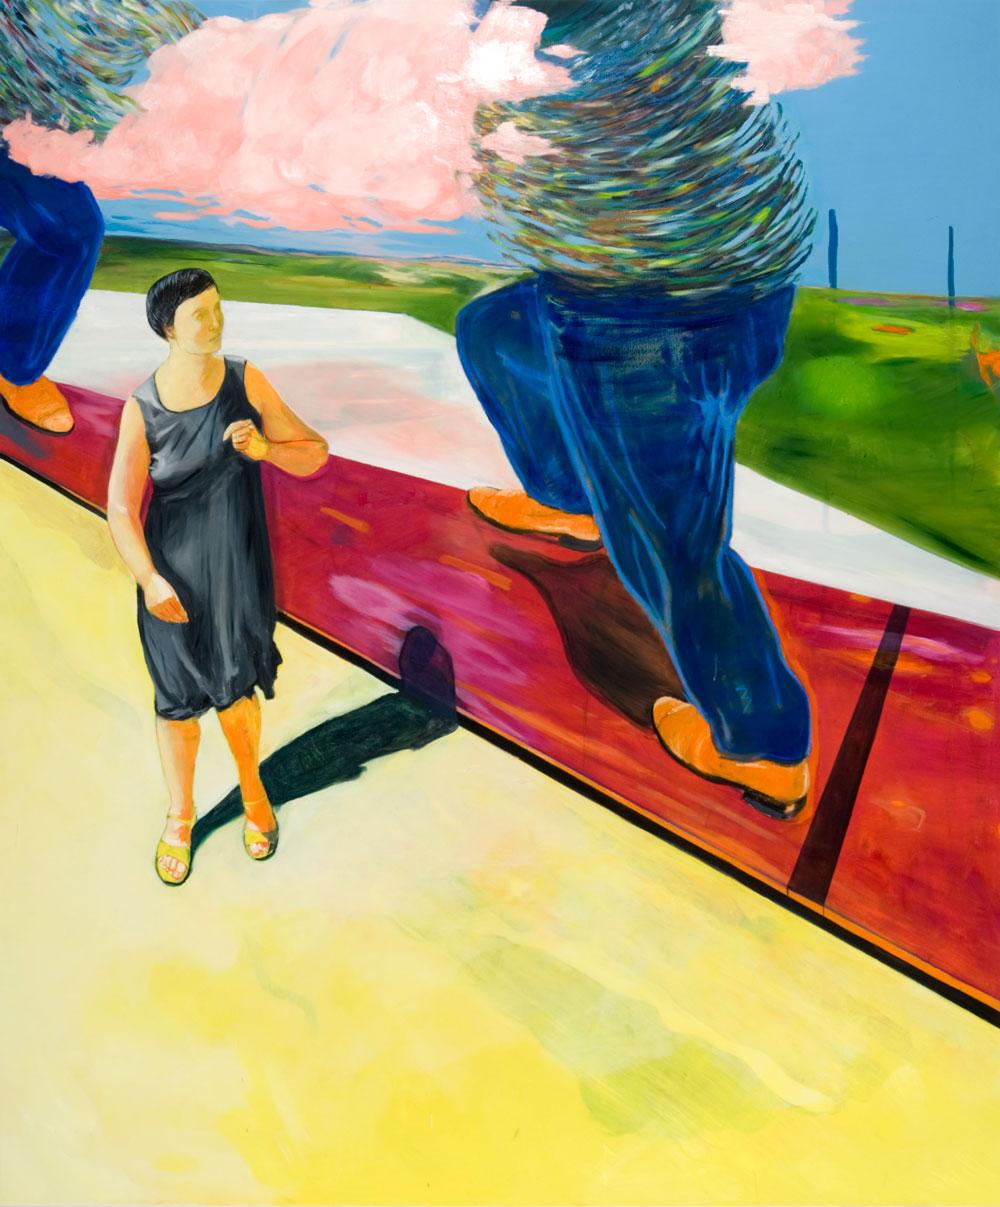 eine Frau in kleinem Schwarzen erschrickt vor riesigen Männern mit blauen Hosen, deren Köpfe in rosa Wolken stecken